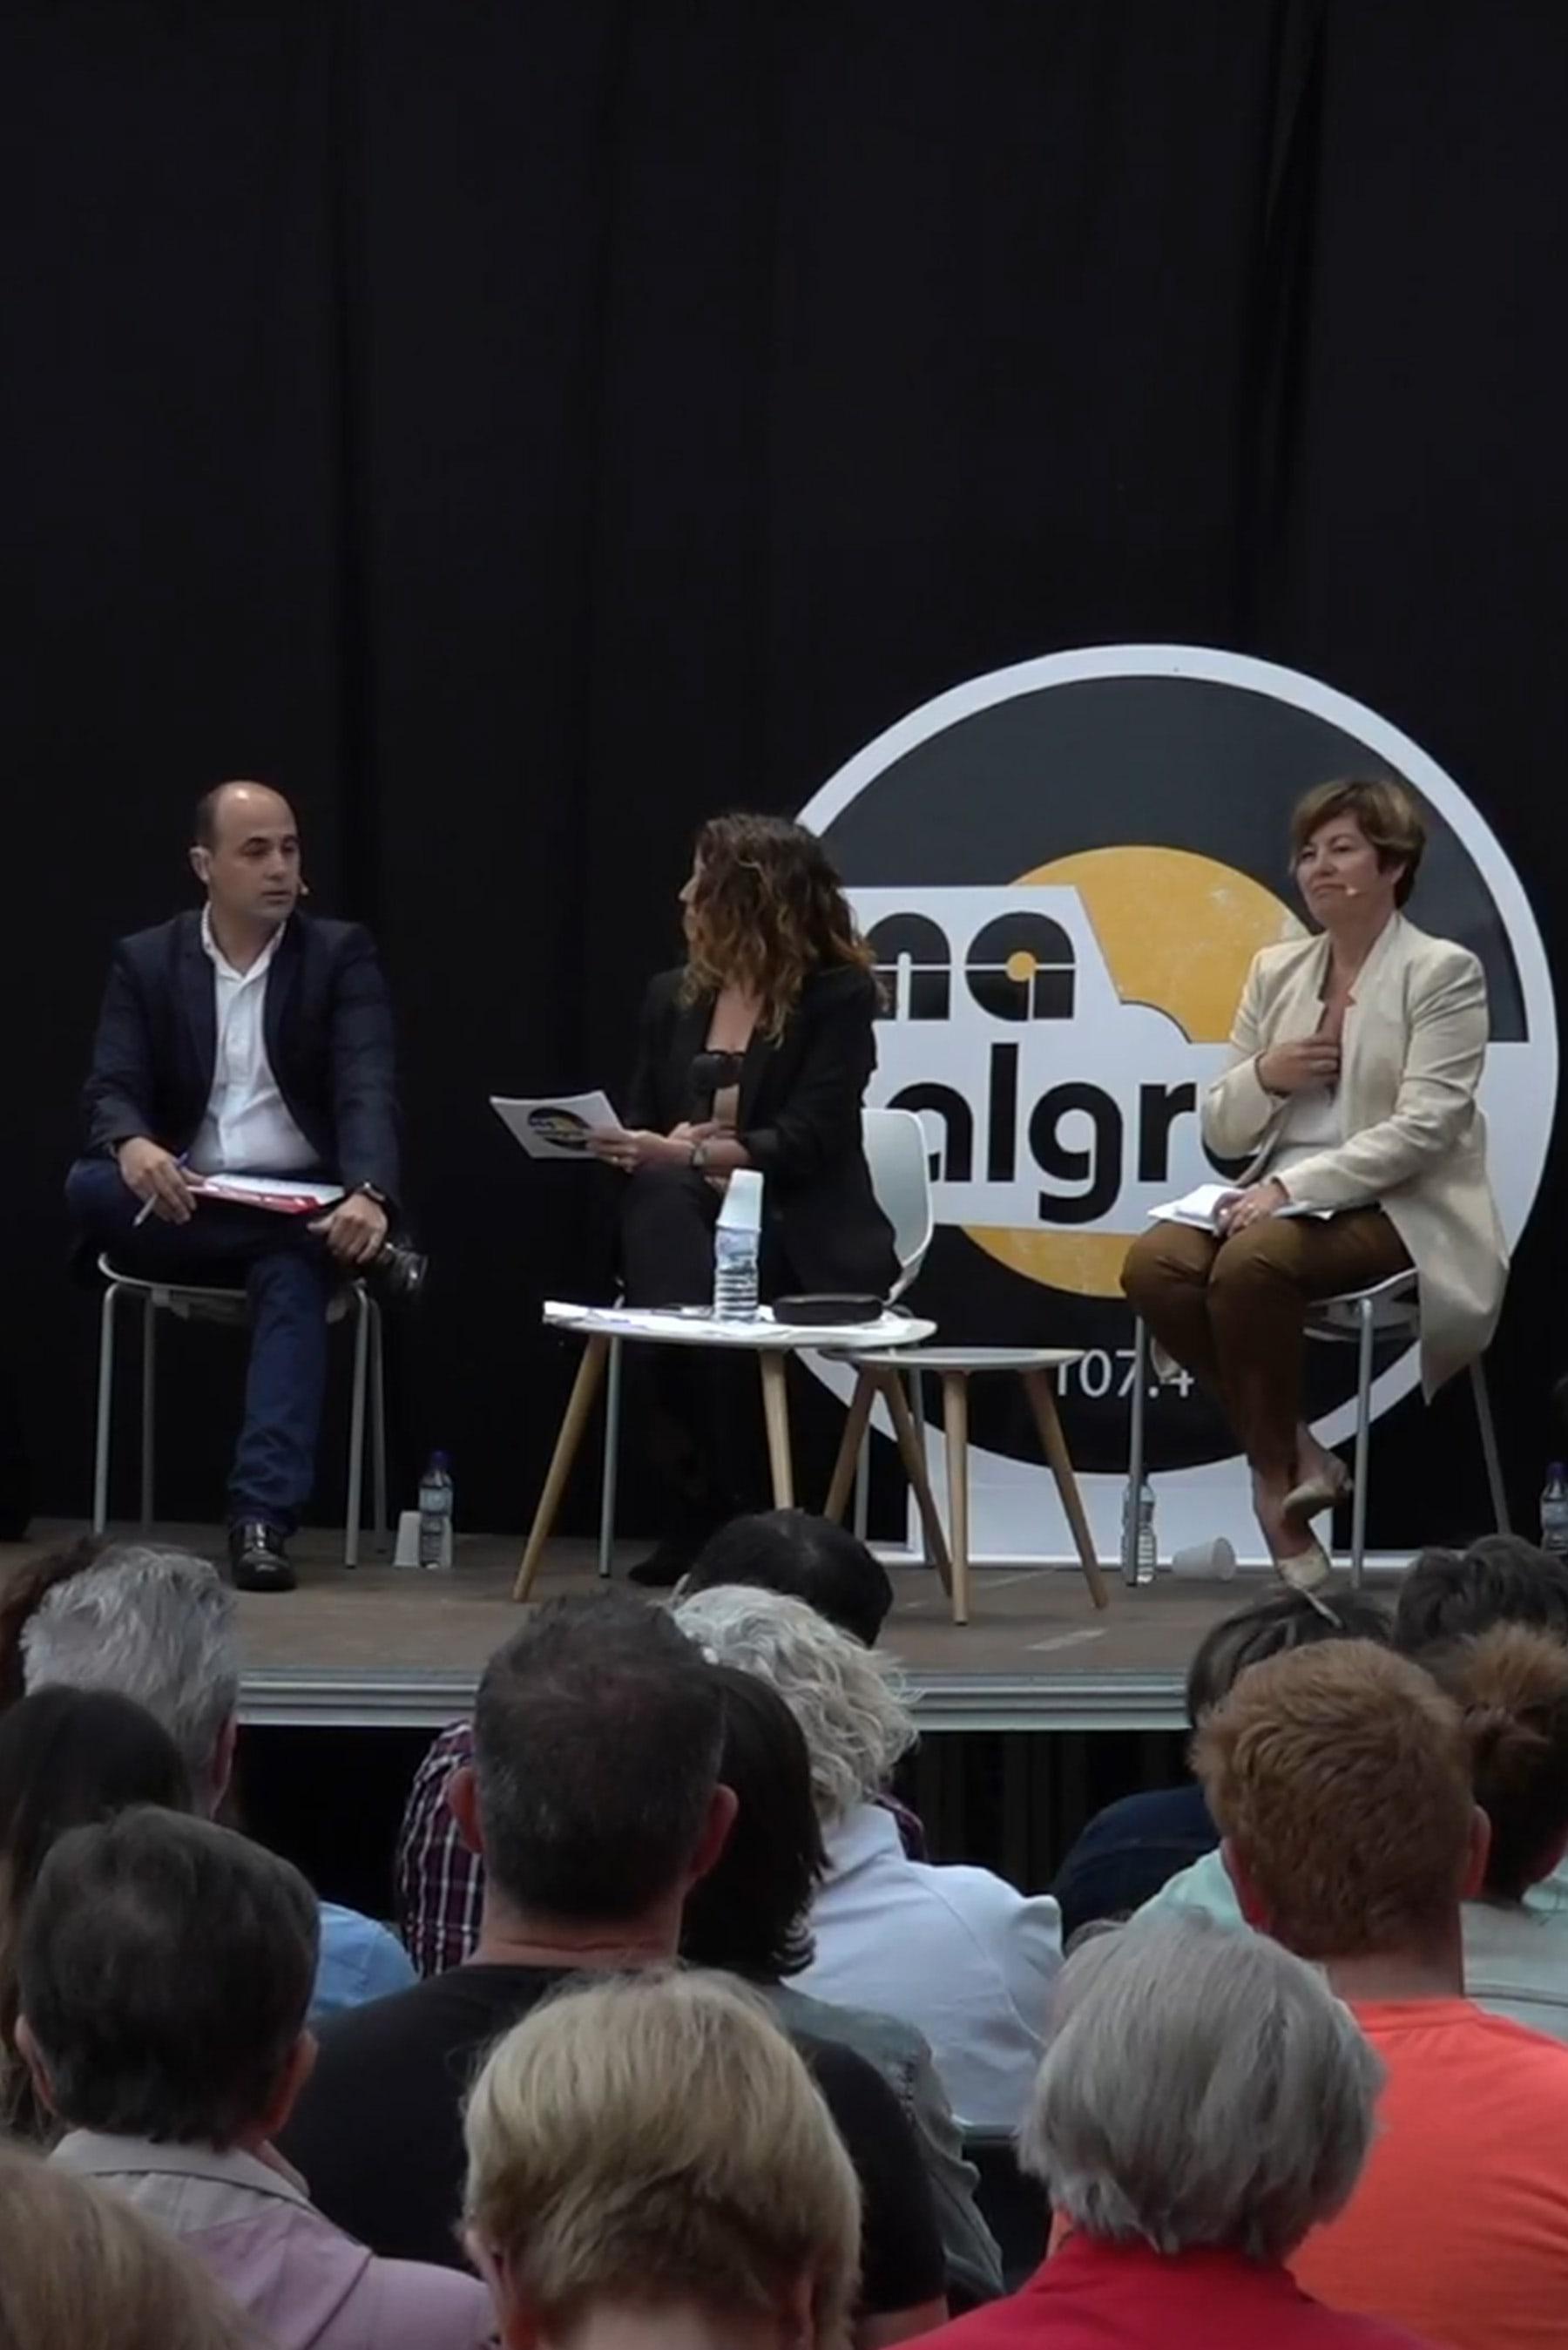 Fotografía del debate electoral de Malgrat de Mar durante las elecciones municipales